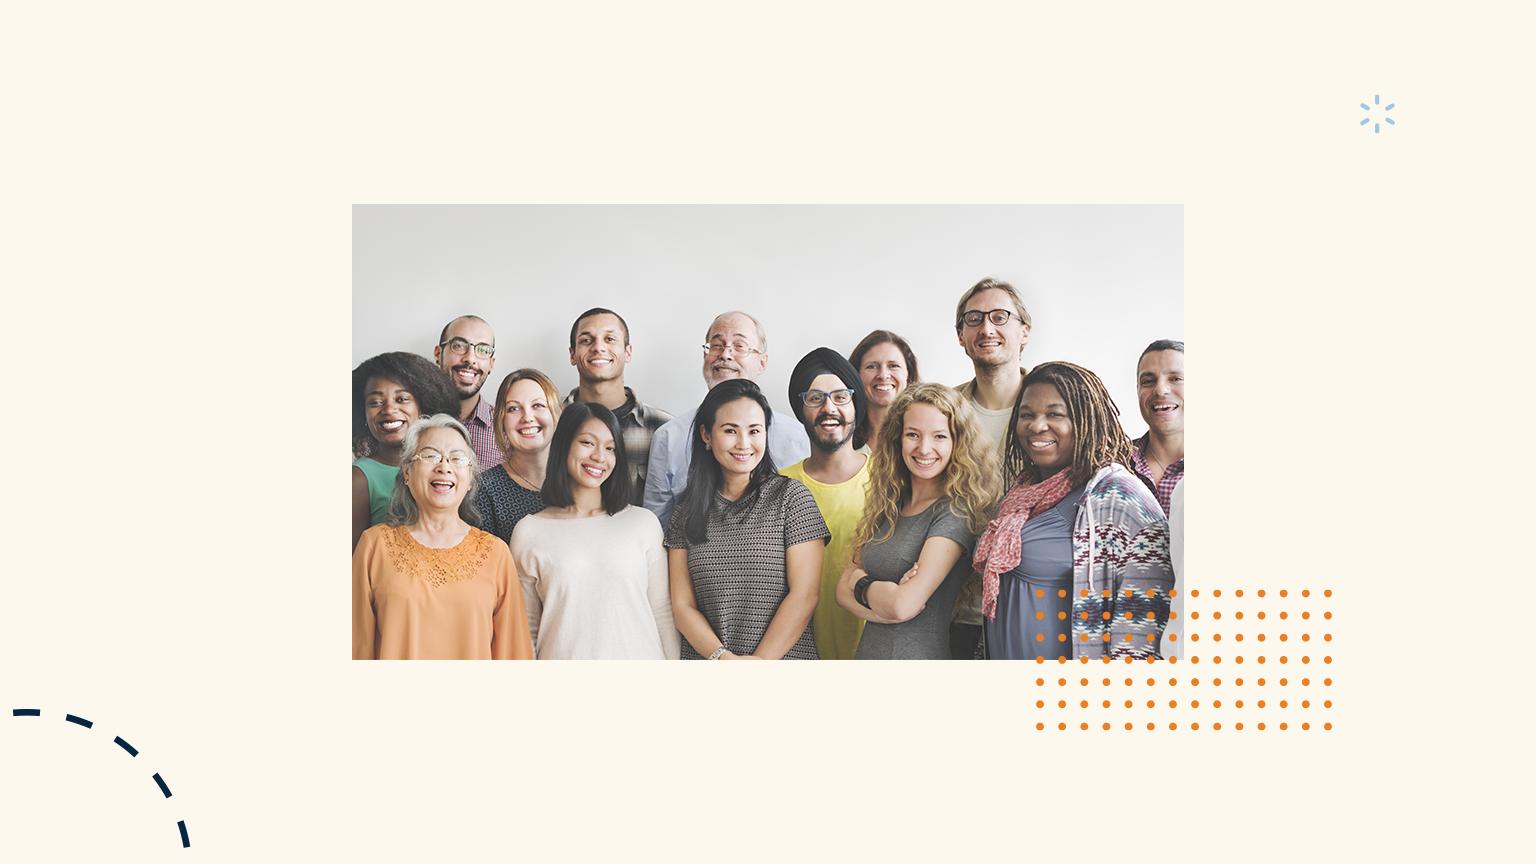 Employnet Diversity